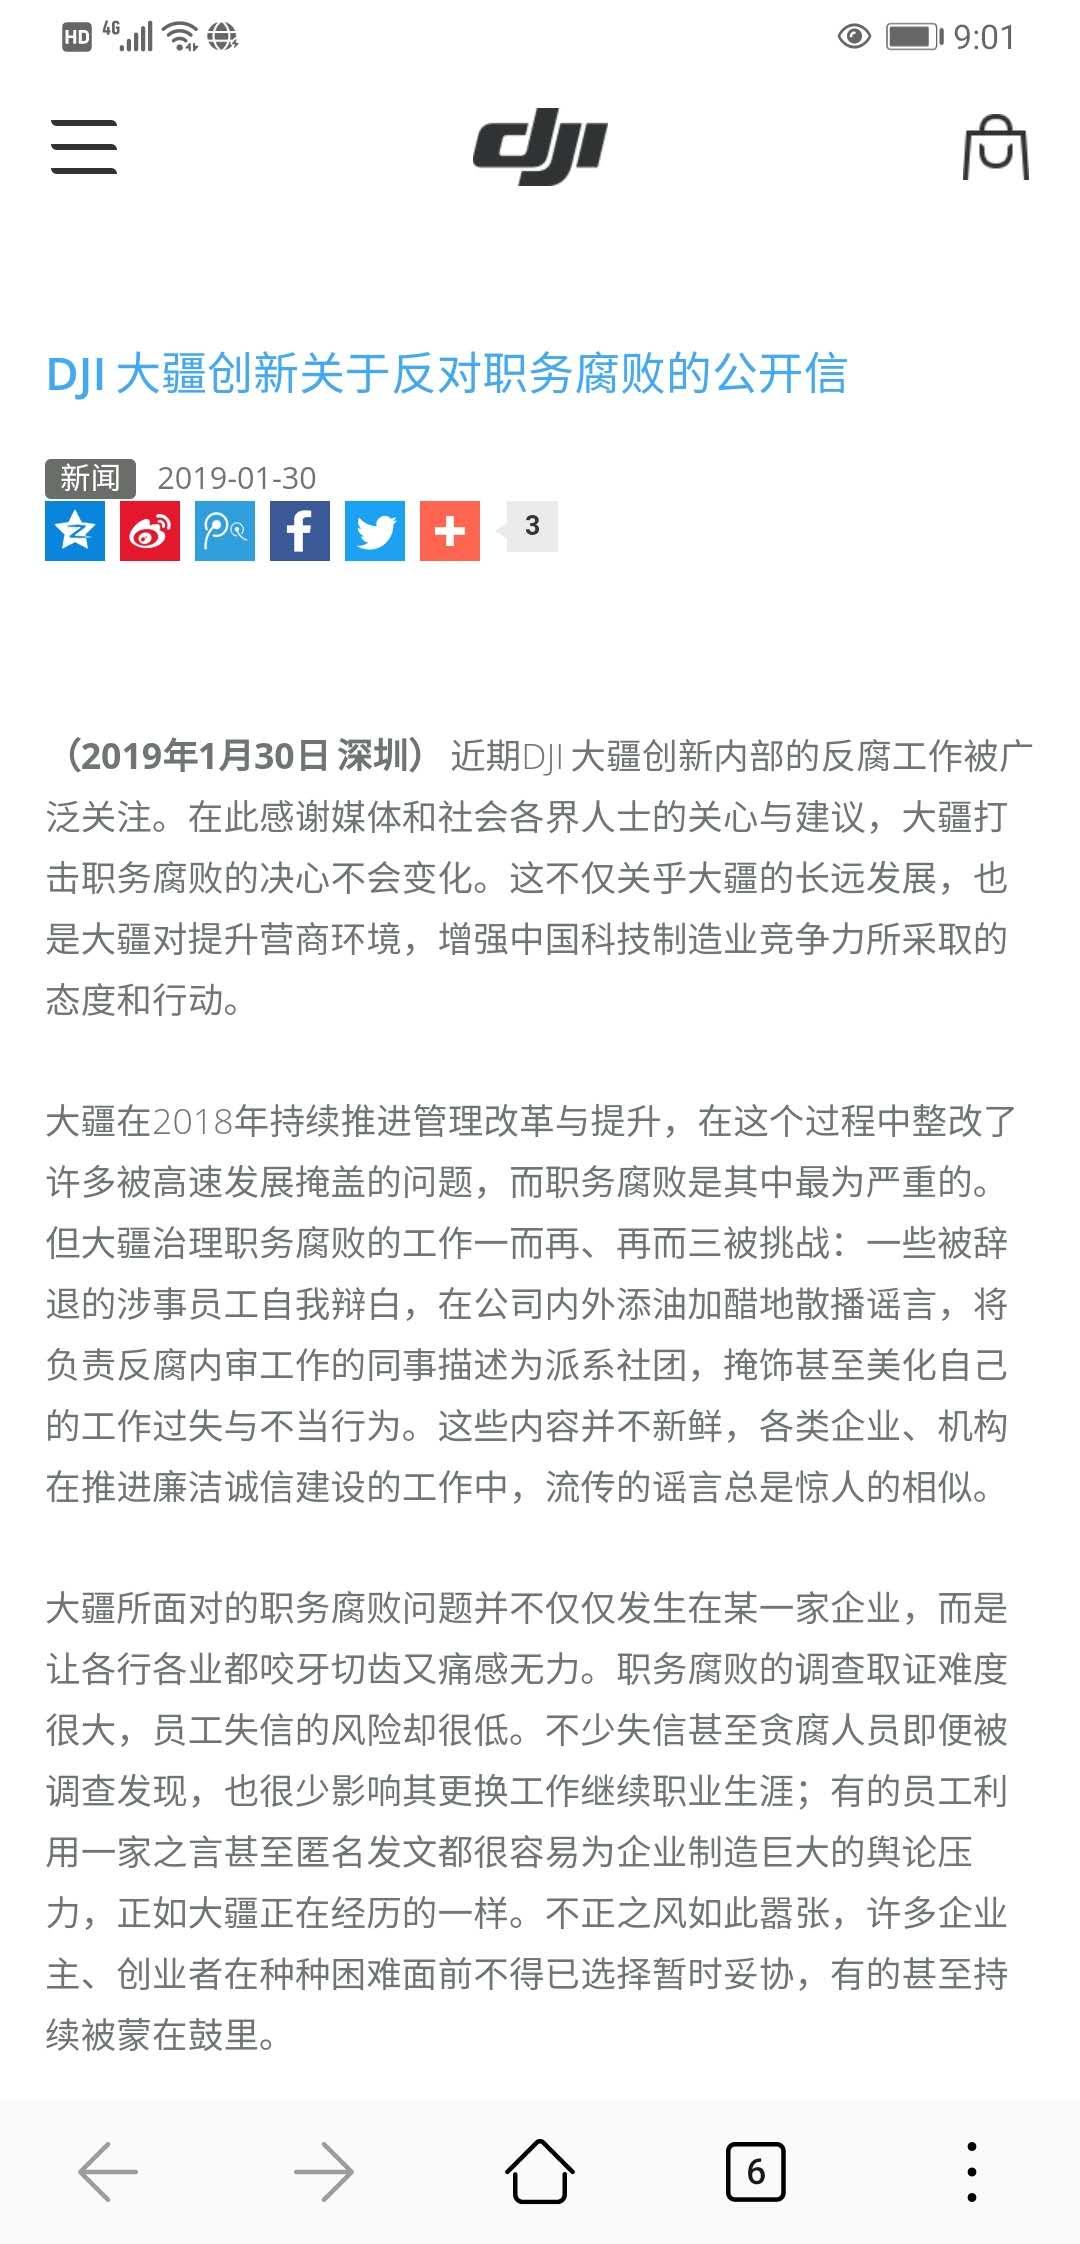 """【炮兵社区app排名优化培训】_大疆称损失超十亿,内部""""潜规则""""被曝光"""